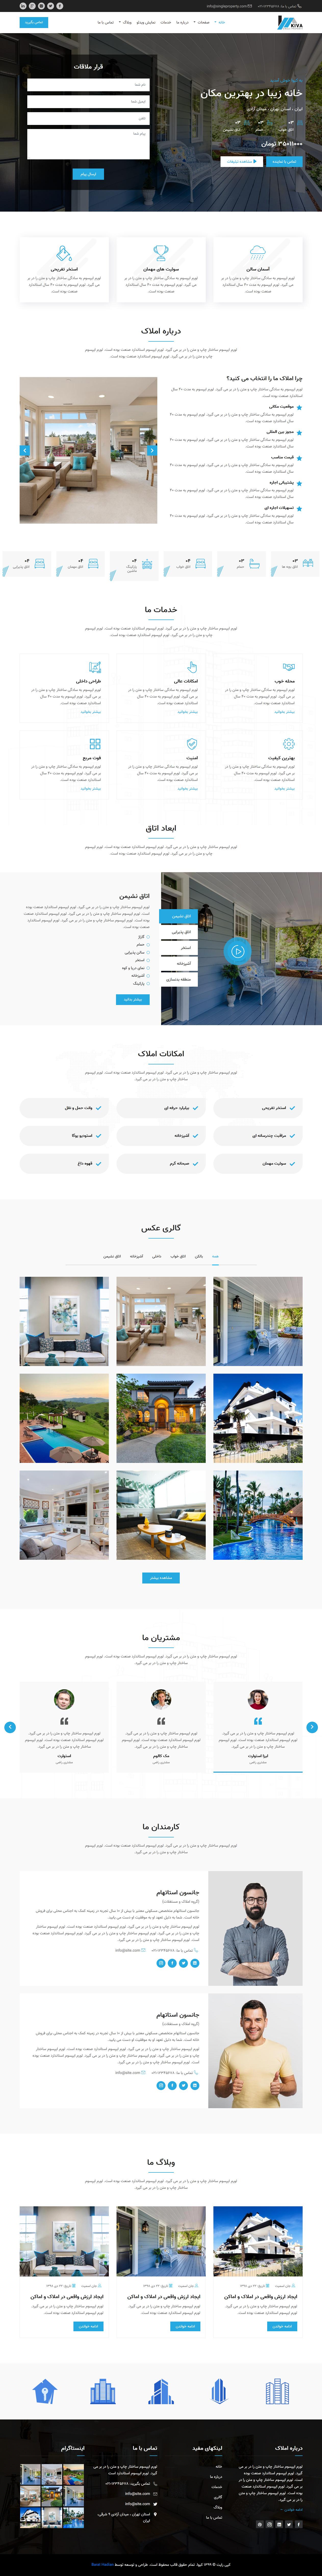 قالب HTML Kiva | قالب HTML چندمنظوره سایت املاک